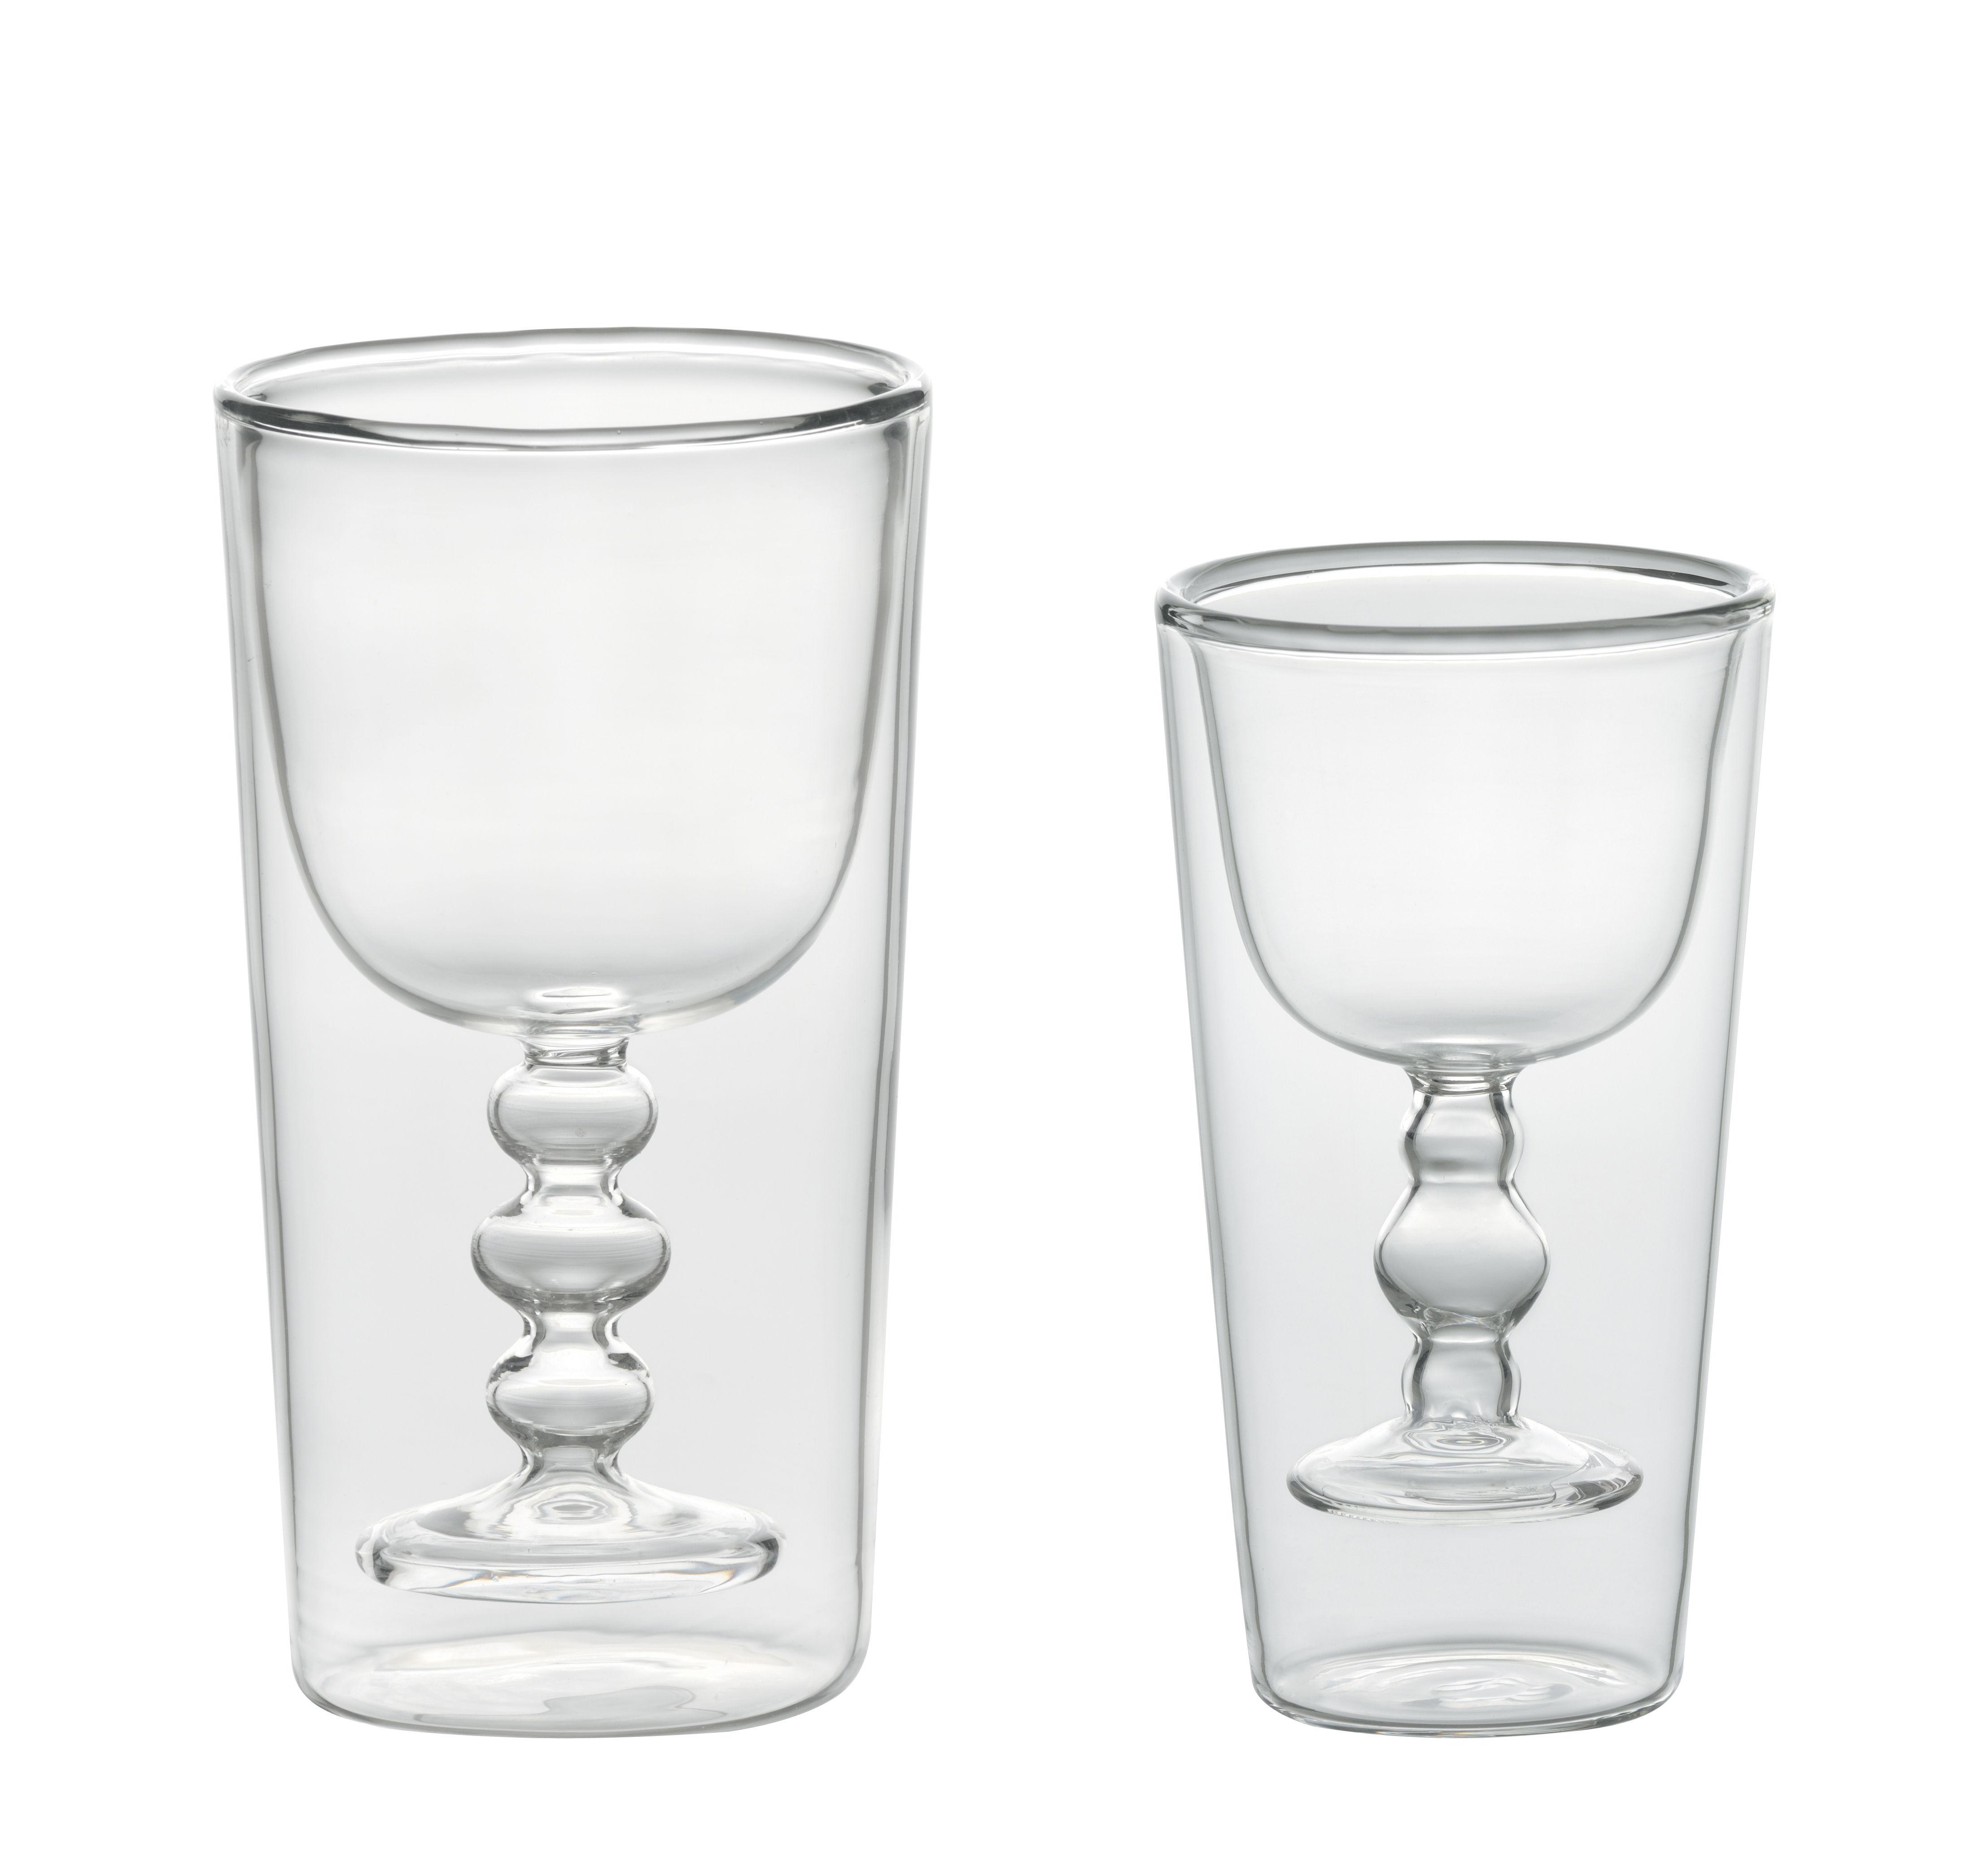 Arts de la table - Verres  - Verre Cocktail / Set 2 verres : eau + vin - Bitossi Home - Transparent - Verre soufflé